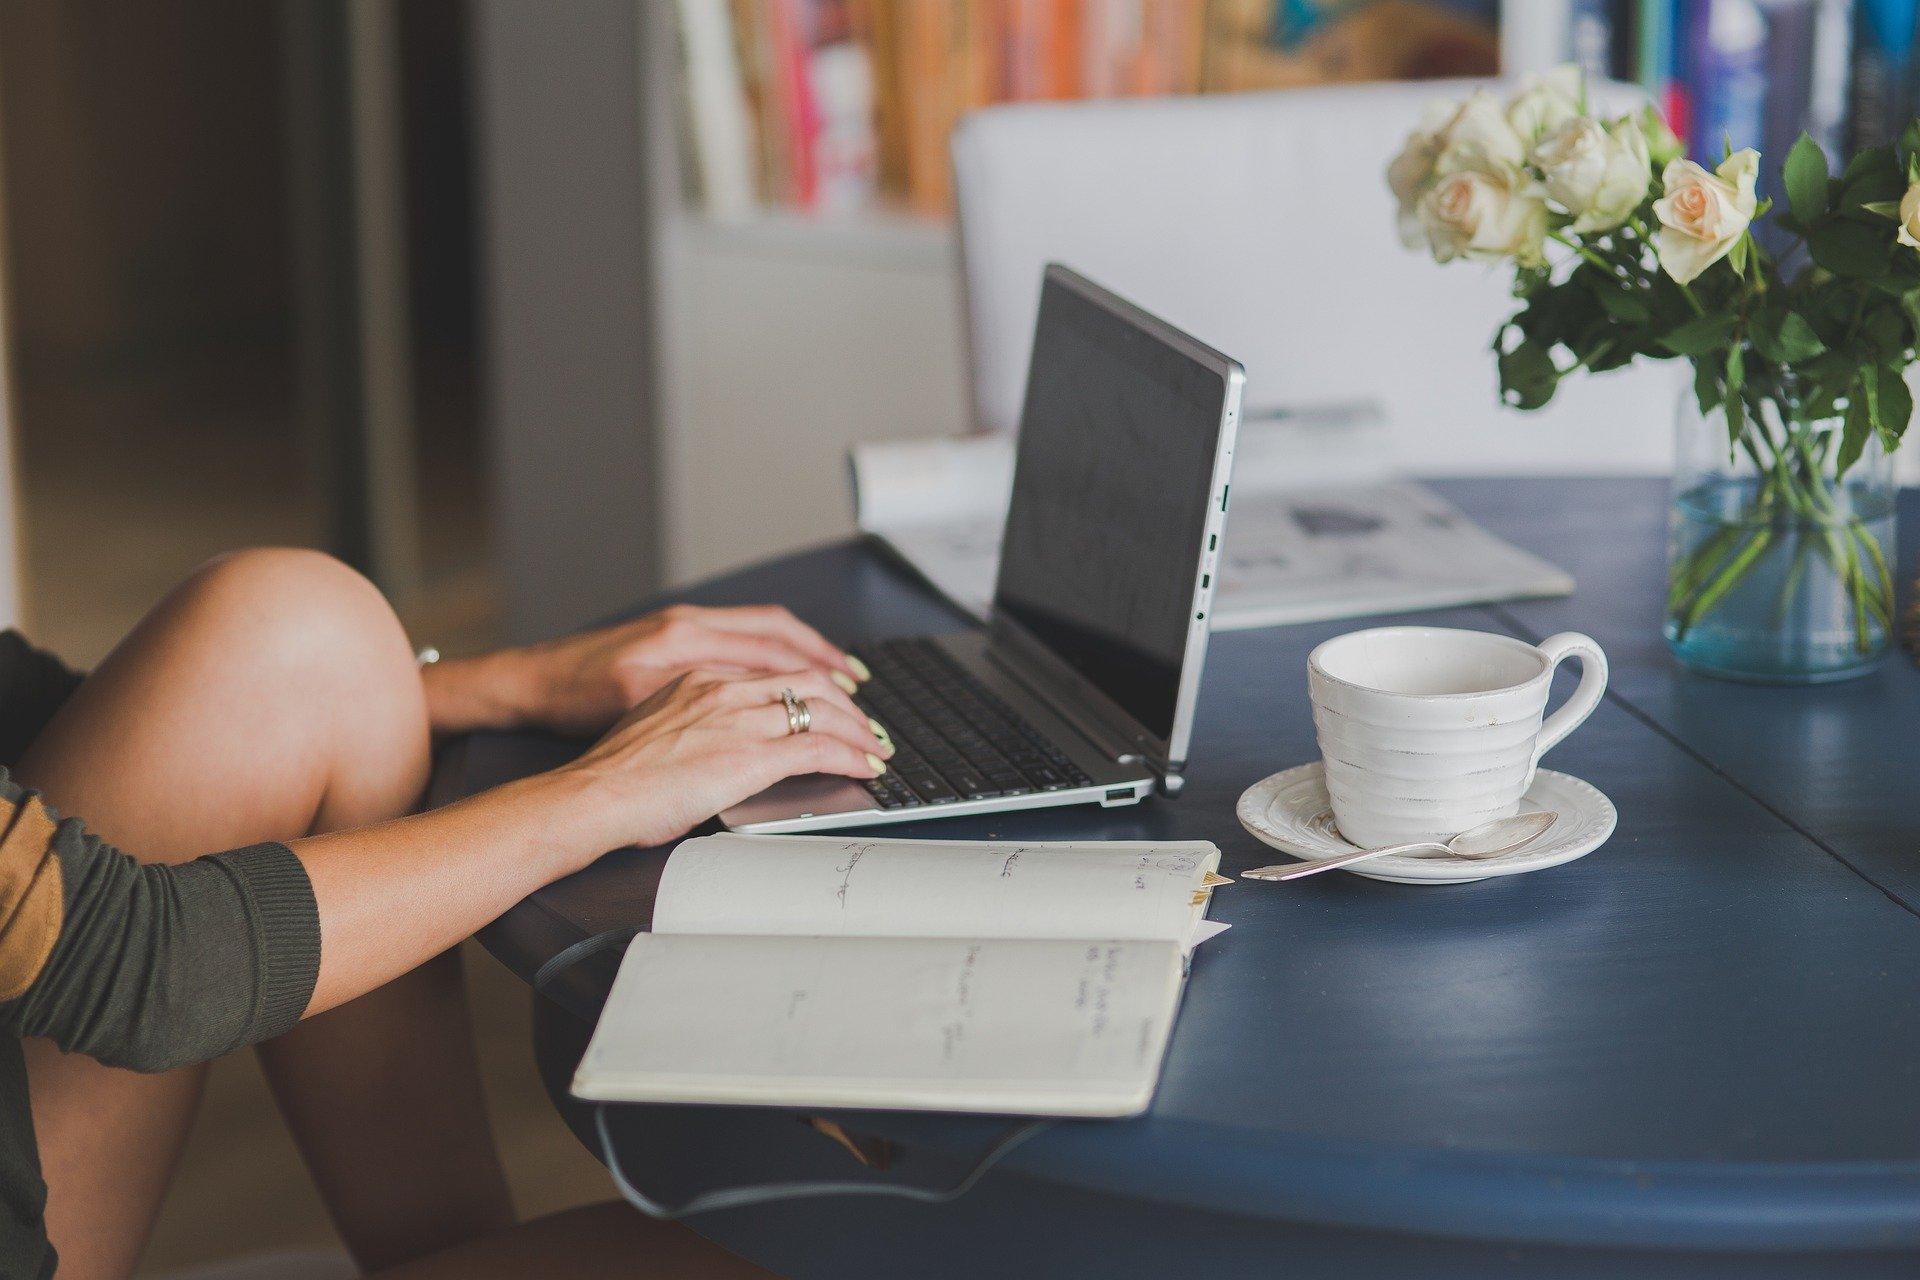 コンピューターでオンライン学習をしている女性